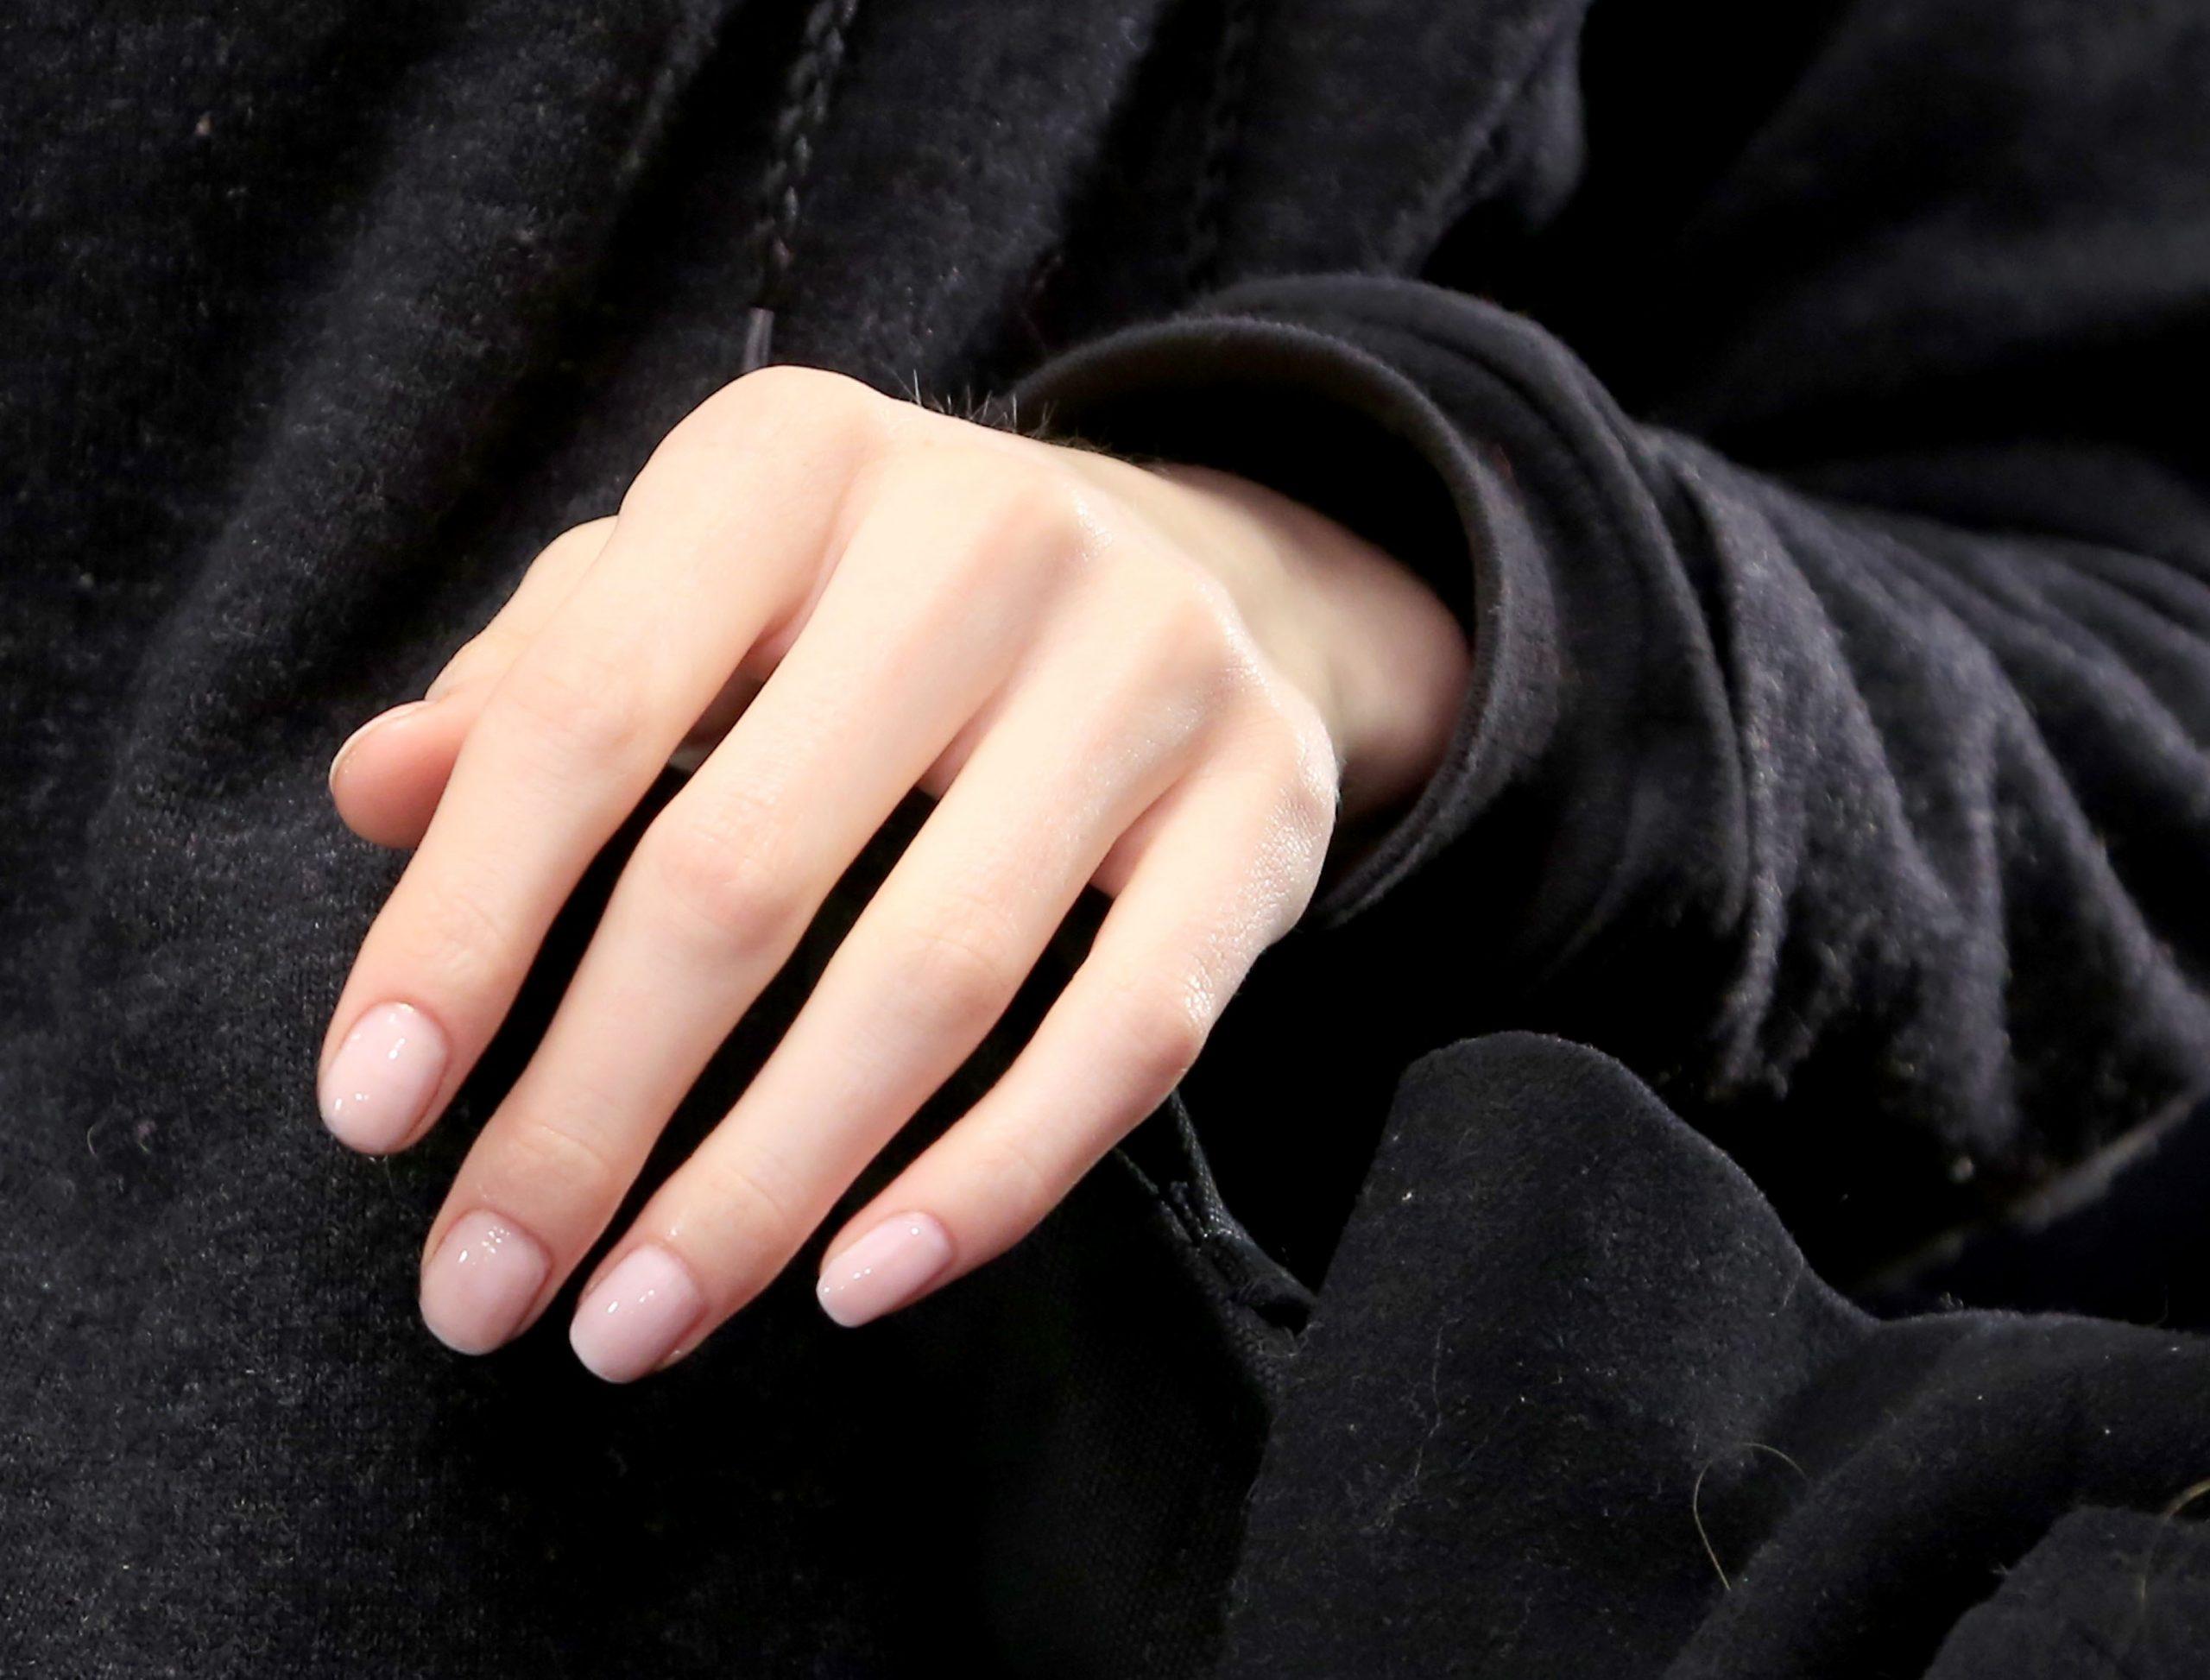 Νύχια: Οι τρεις σημαντικότεροι κανόνες για σωστή περιποίηση